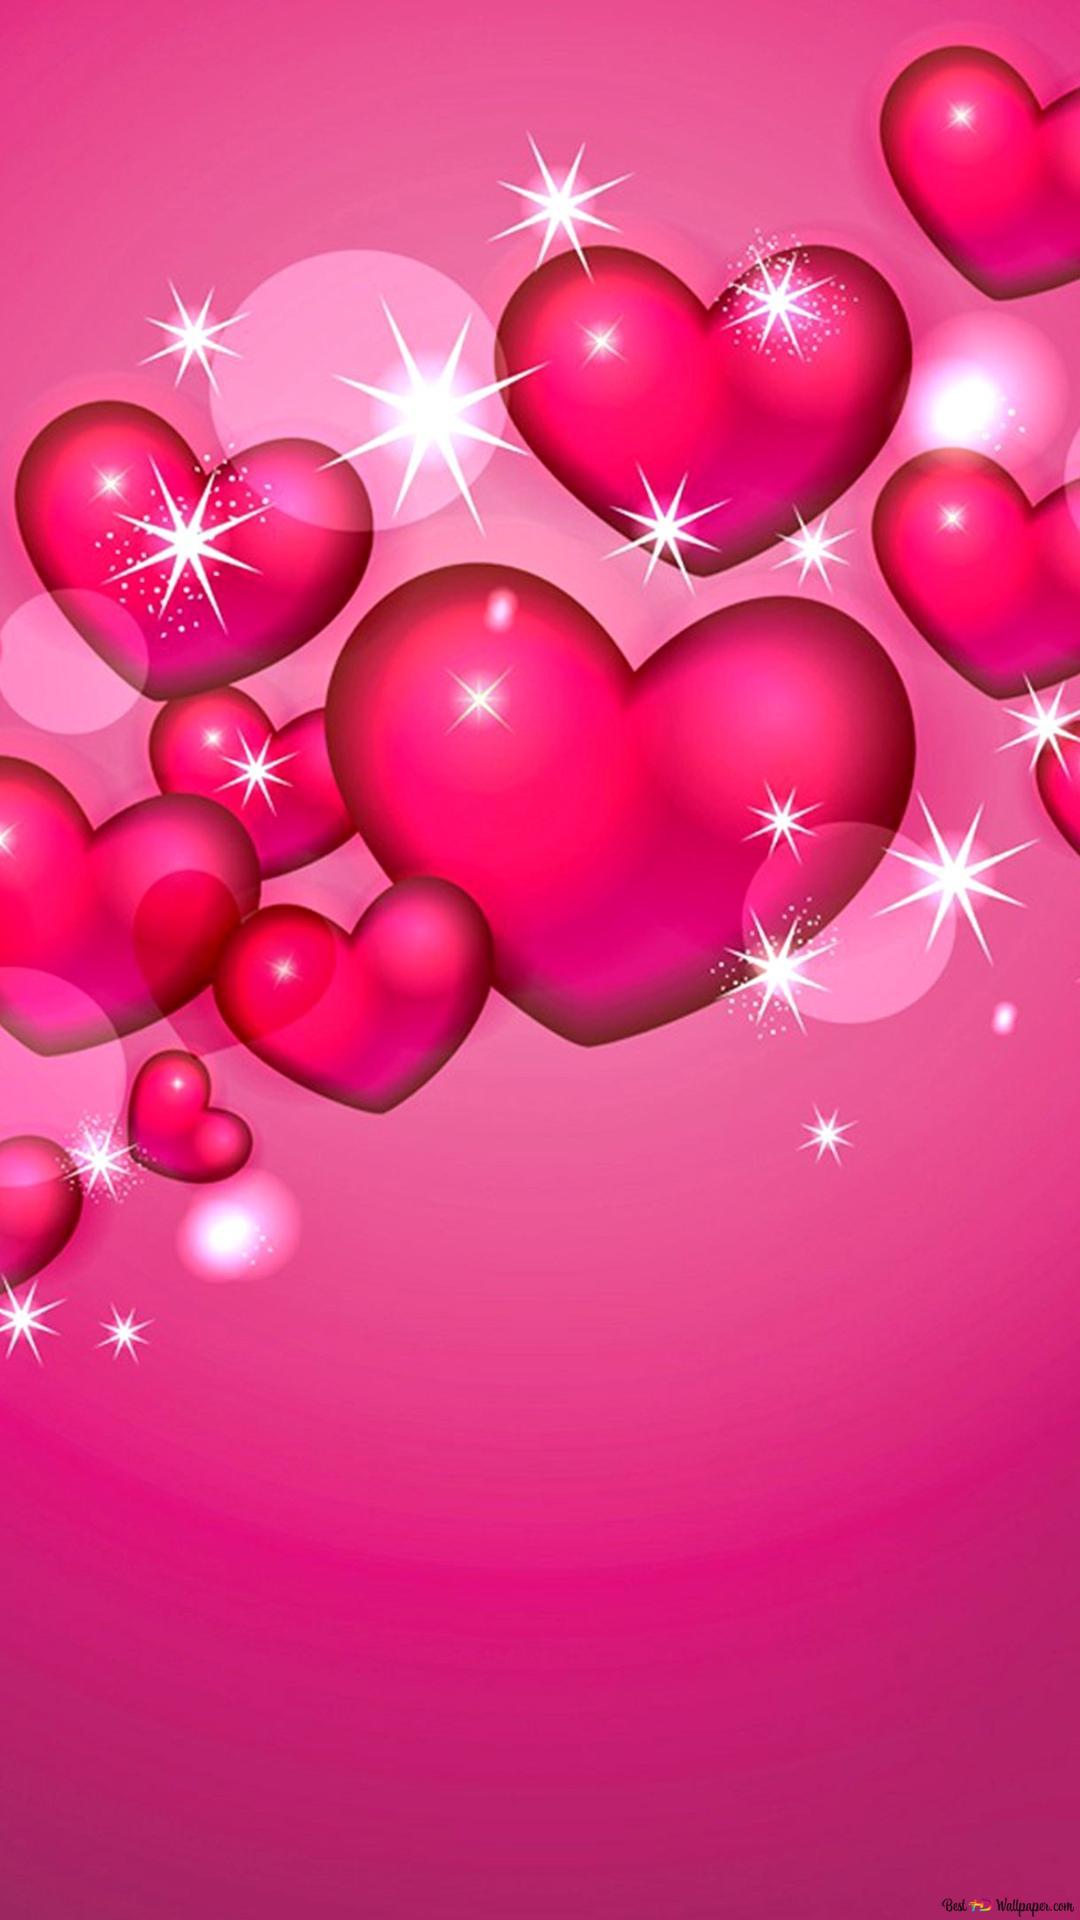 バレンタインデー 美しいピンクのハートの背景 Hd壁紙のダウンロード